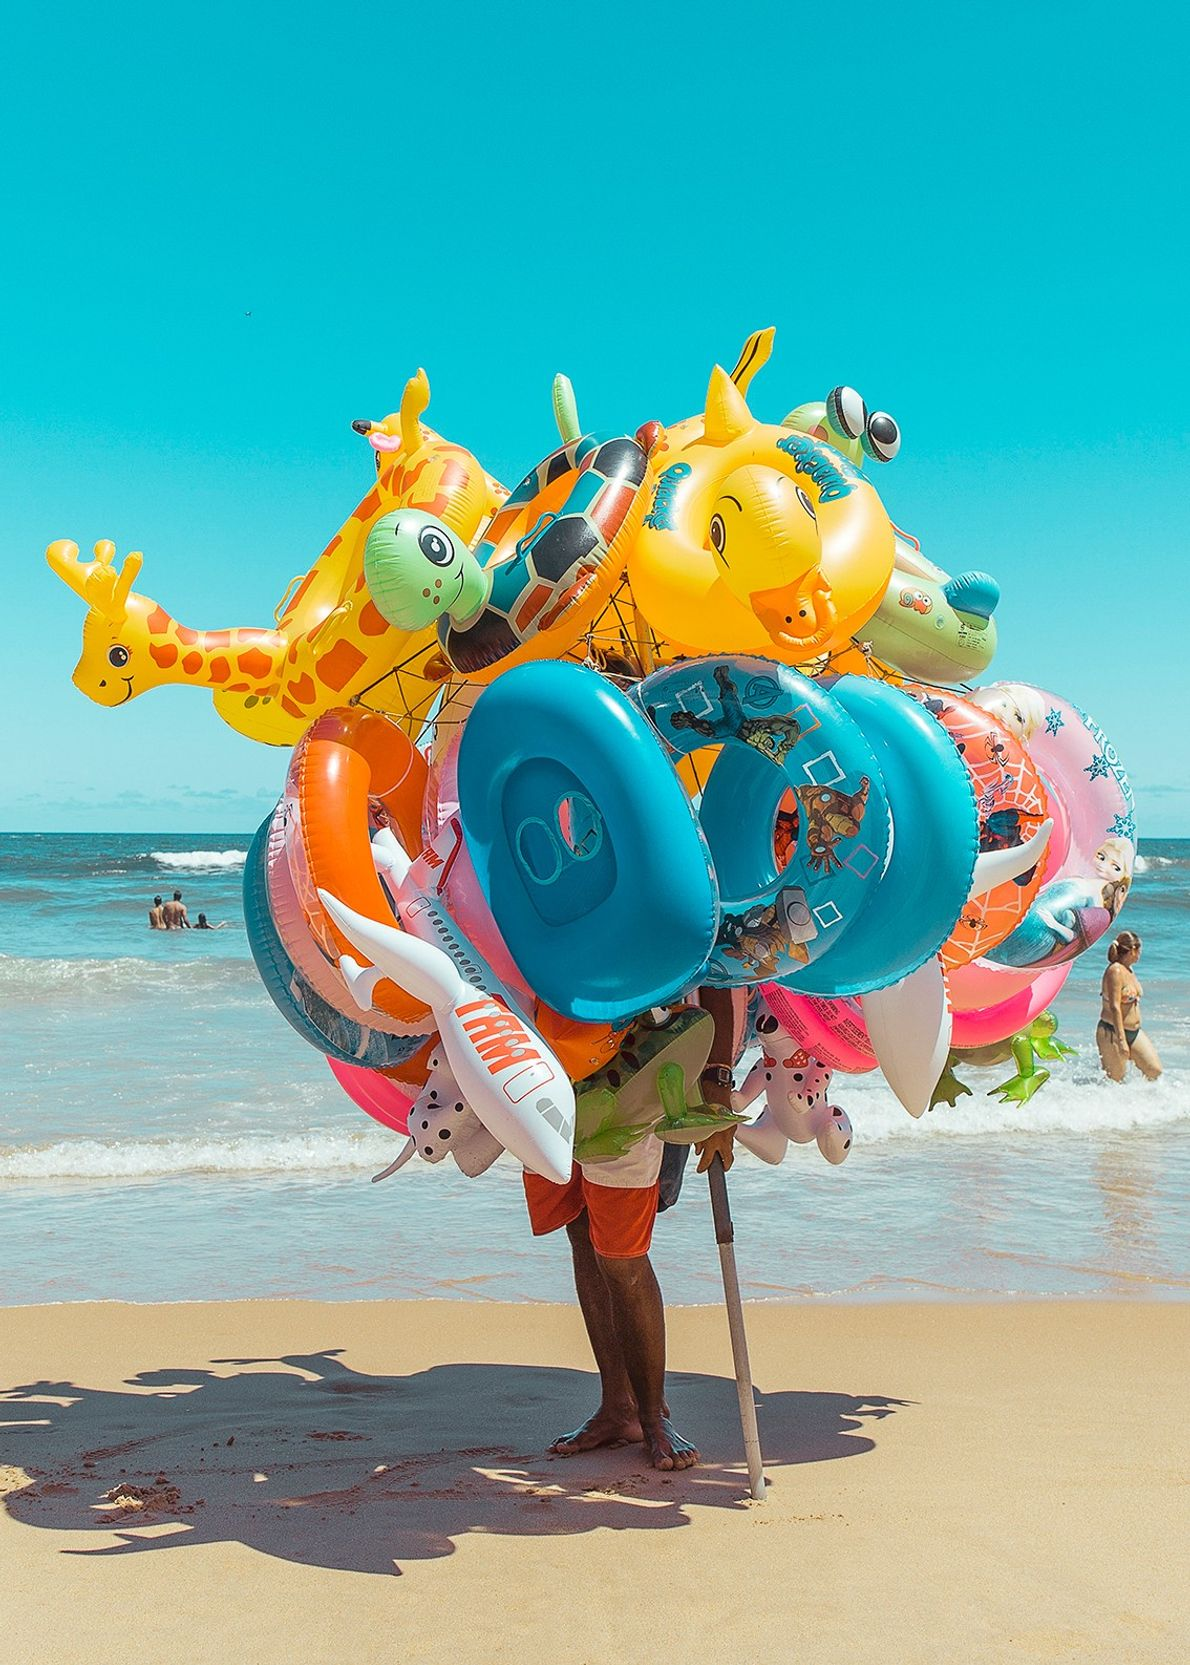 Vendedor de bóias infláveis em Salvador, Bahia.